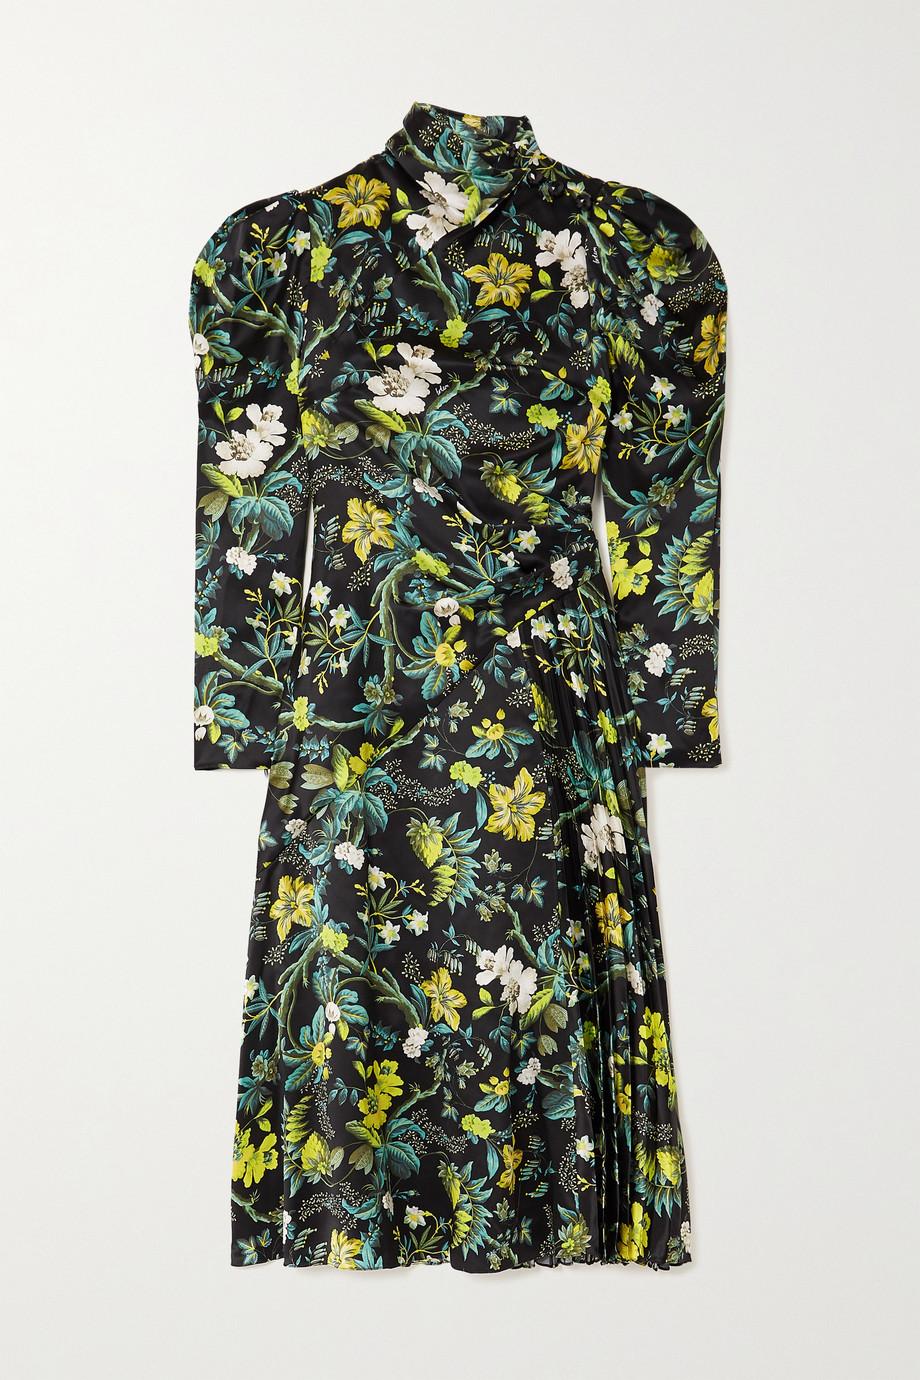 Erdem Irwin 褶裥花卉印花丝缎中长连衣裙